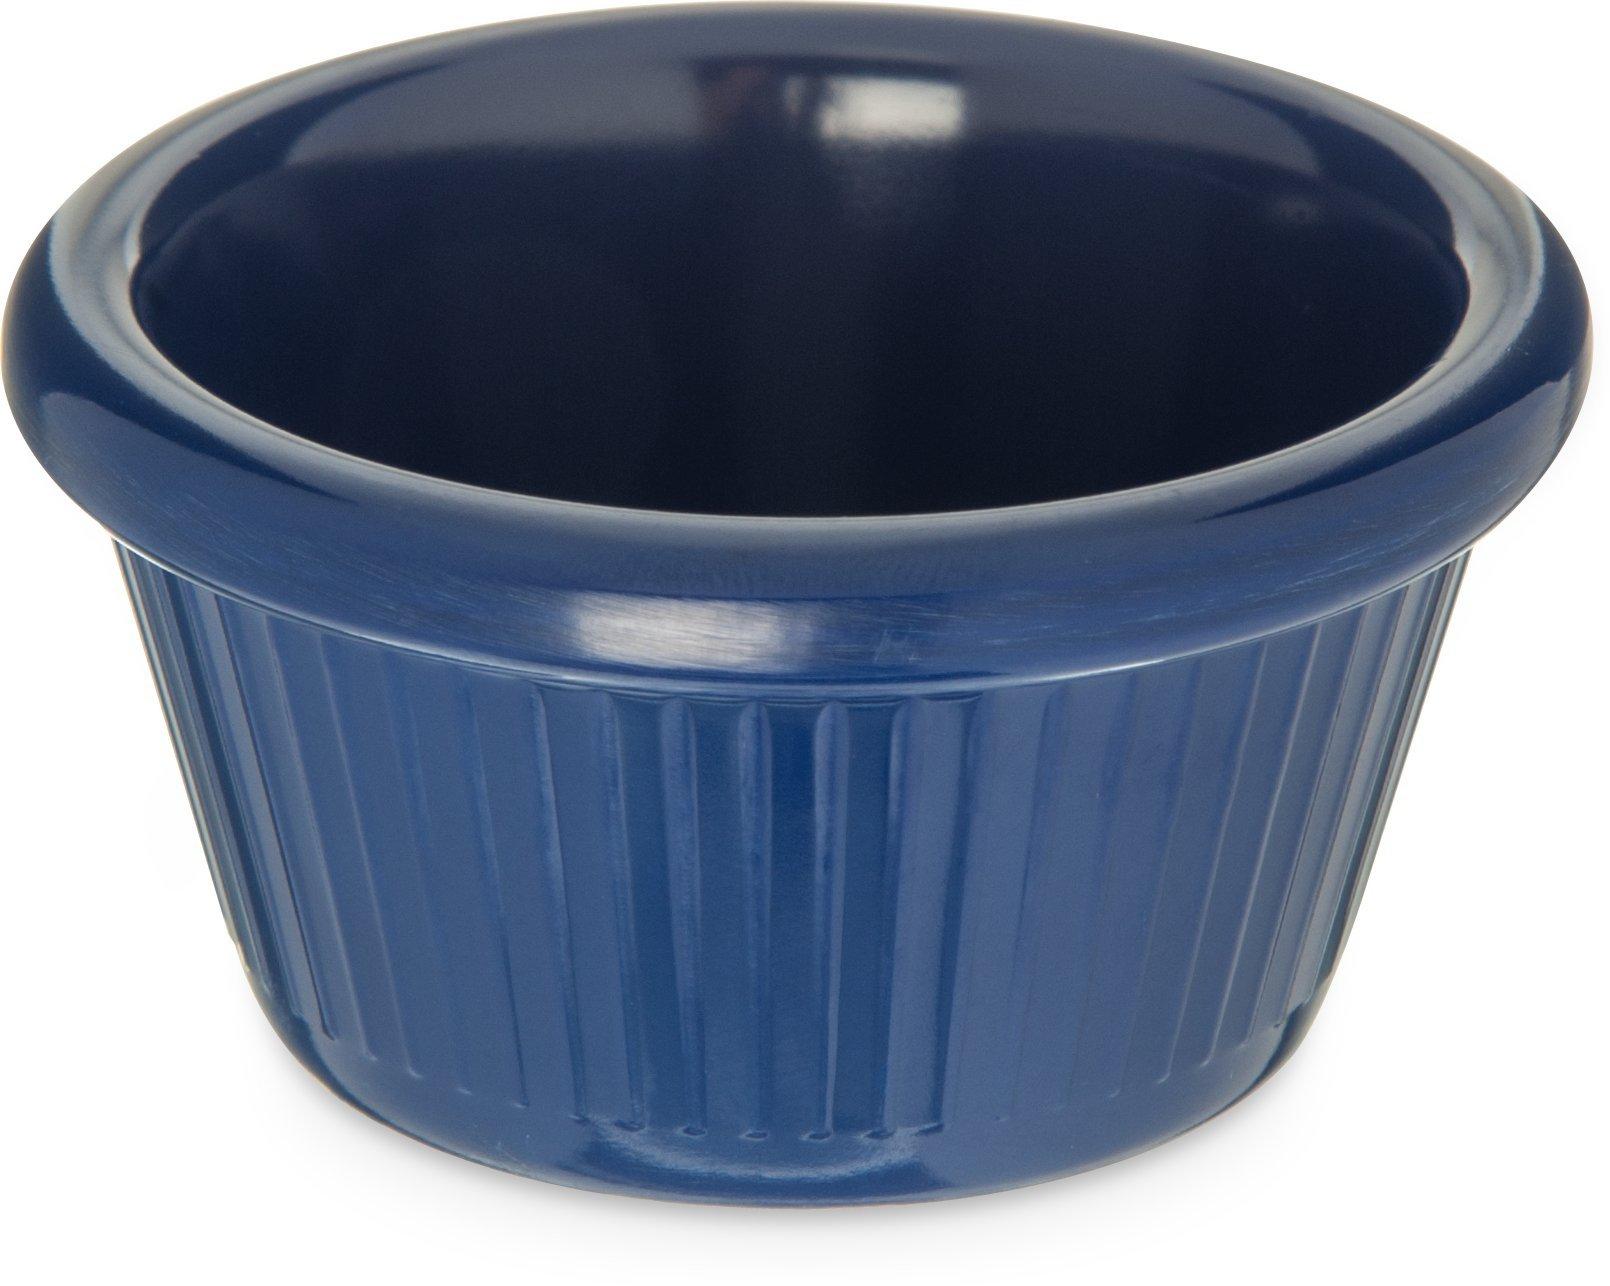 Carlisle S27960 Melamine Fluted Ramekin, 2 oz. Capacity, Cobalt Blue (Case of 48) by Carlisle (Image #1)